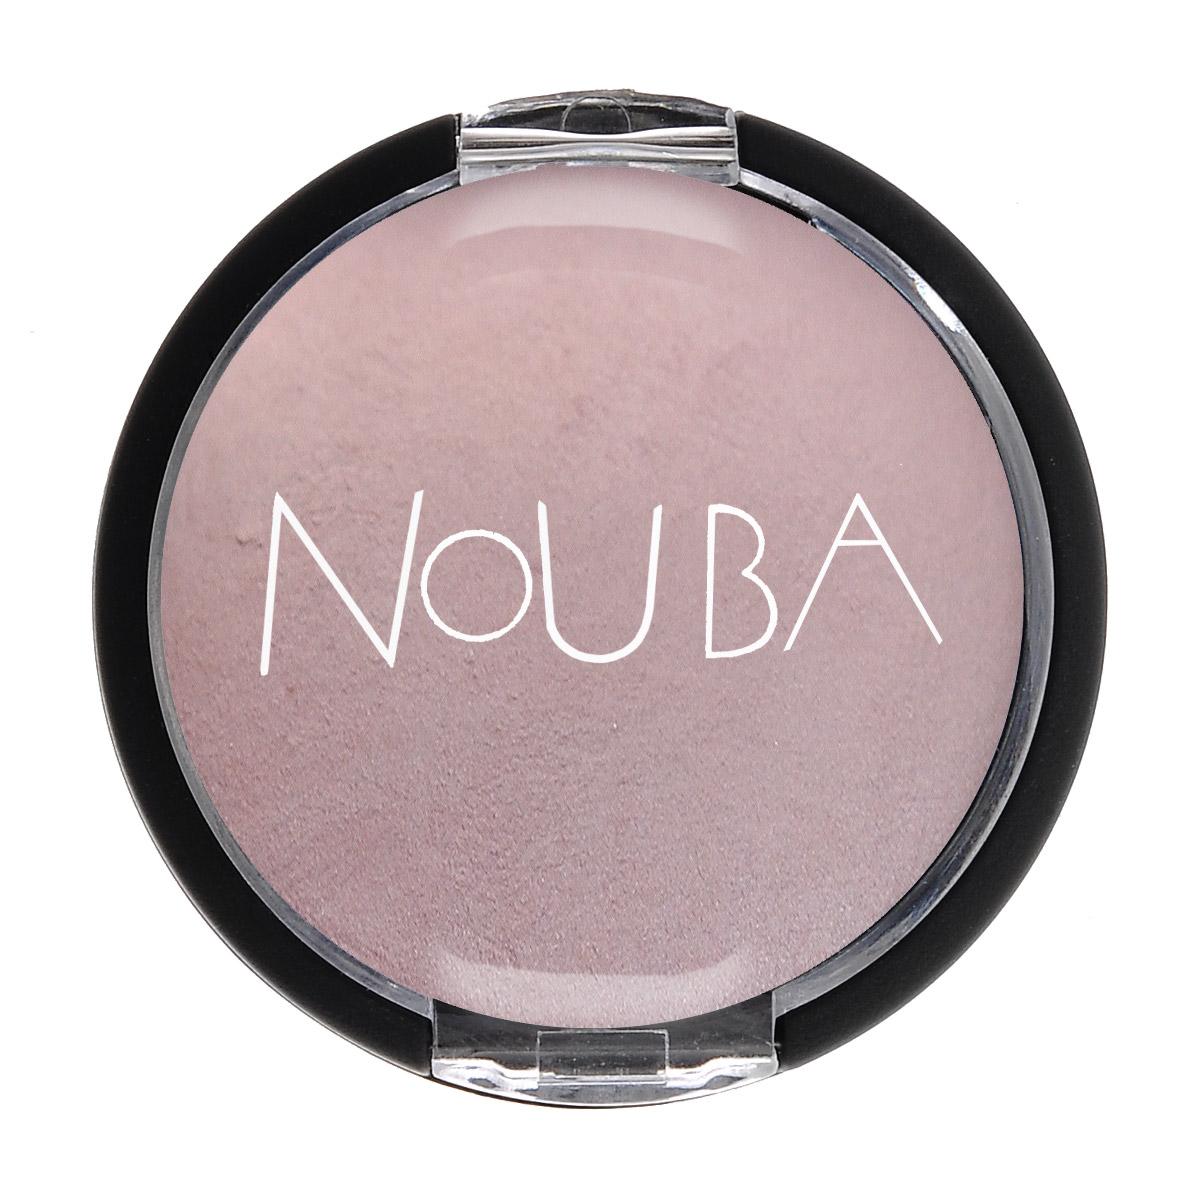 Nouba Тени для век Nombra, матовые, 1 цвет, тон №406, 2 гN33406Запеченные матовые тени Nouba Nombra обогащены увлажняющими компонентами, ухаживающими за чувствительной кожей век, и включают в себя элементы, обеспечивающие максимальную стойкость и матовость макияжу глаз. Легчайшая вуаль теней безупречно ложится на веки, превращаясь в прекрасную основу для эффекта smokey eyes и для любого типа стрелок. К теням прилагается аппликатор.